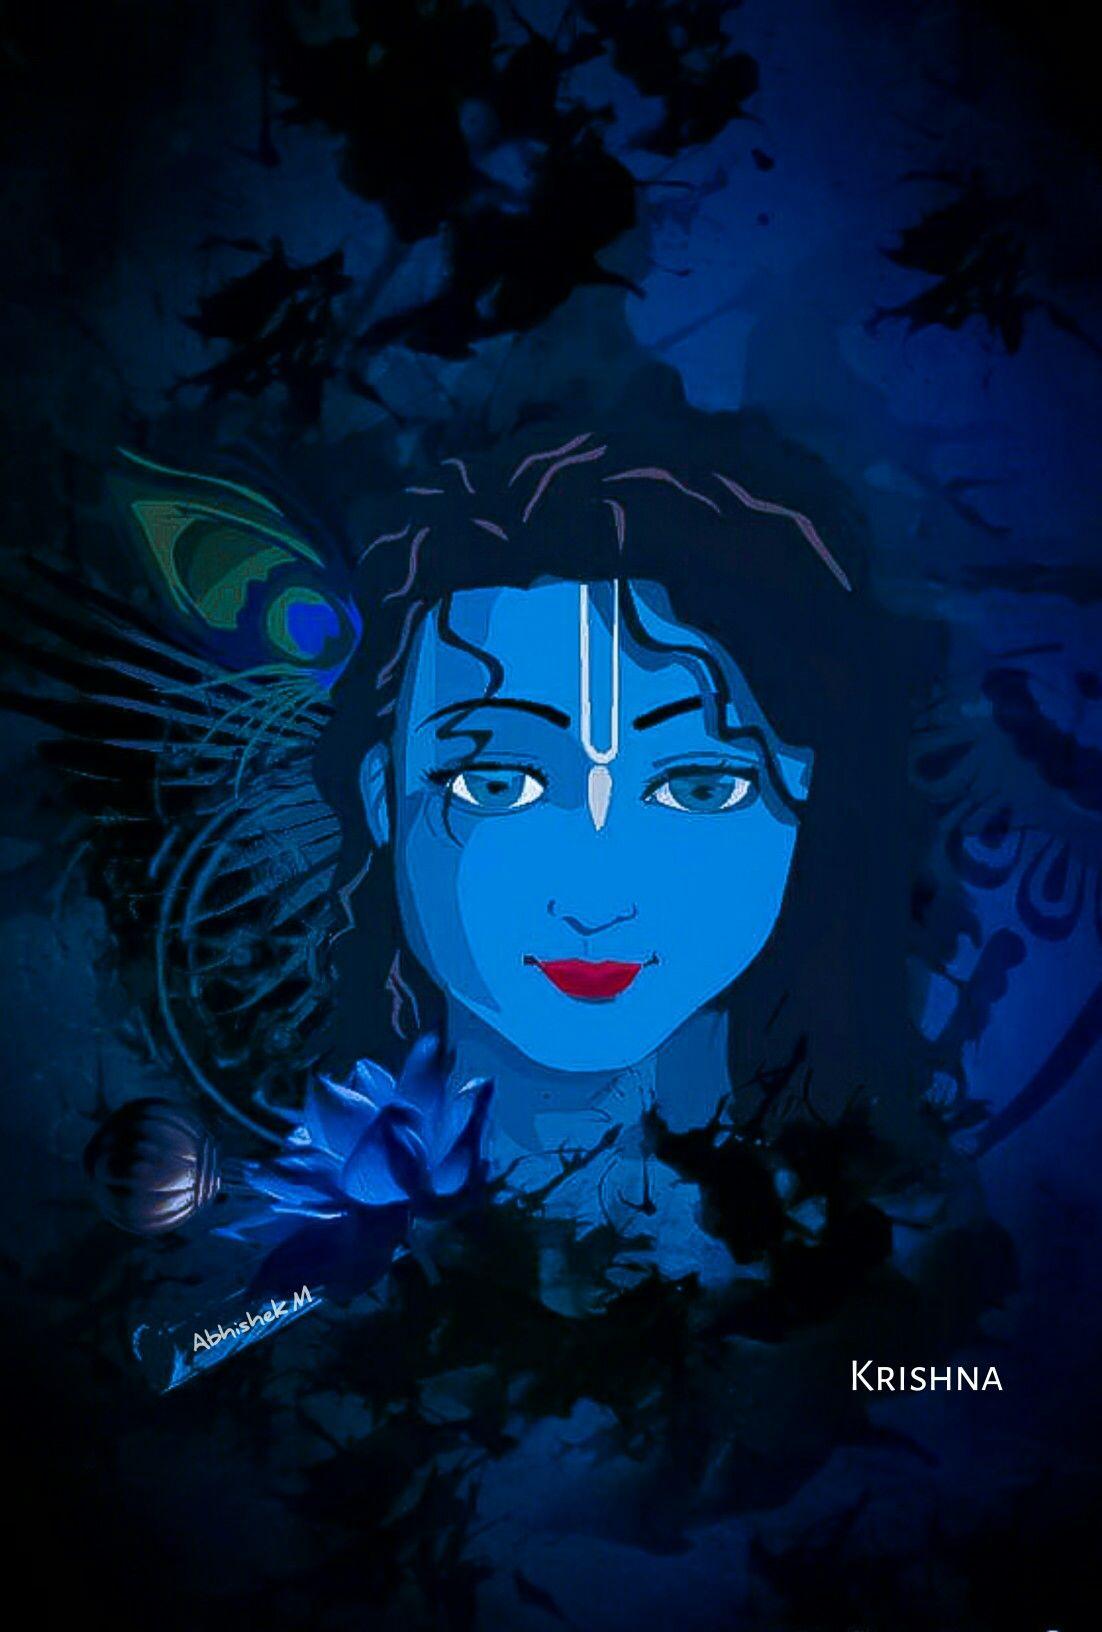 Pin by Abhishek M on Love | Krishna wallpaper, Lord ...